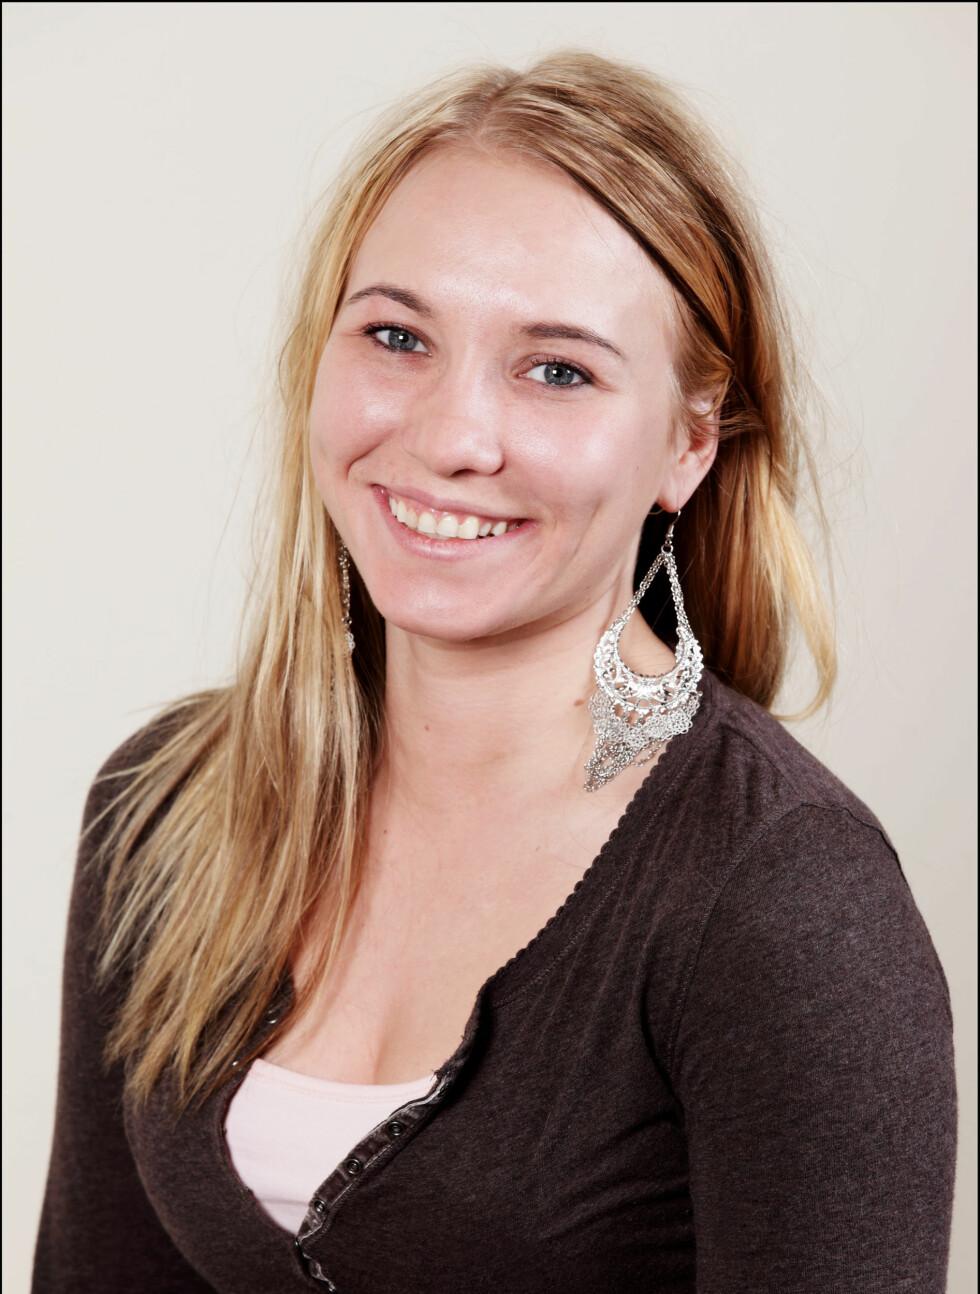 Navn: Cecilie Carolina Nøstvik Larsen Sted: Sørreisa Alder: 26 Yrke: Student Sivilstatus: Samboer Personlig eiendel: Varmeflaske Foto: TV3